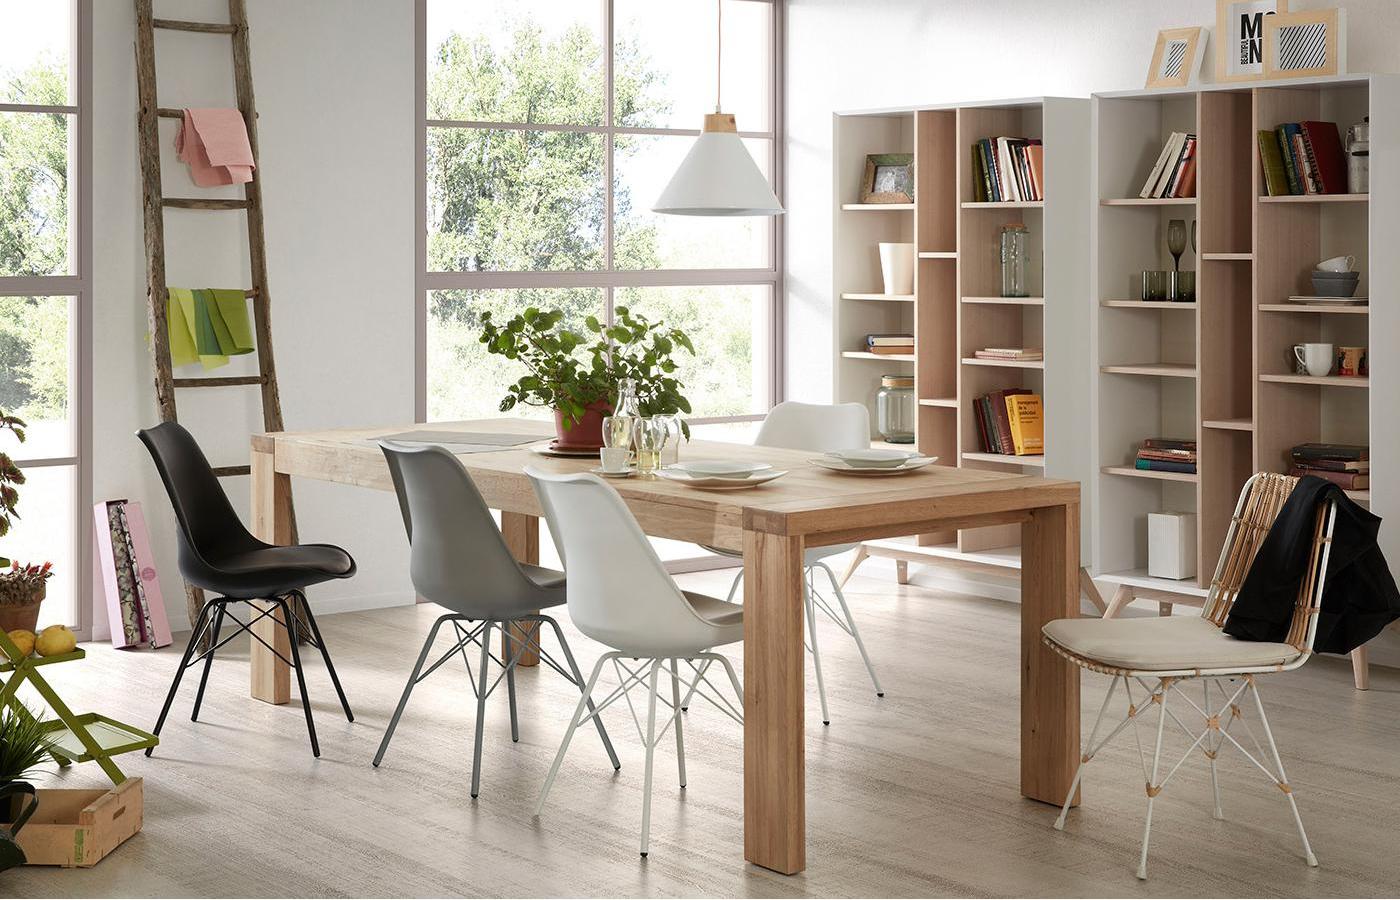 Tu hogar con un estilo desenfadado, para los que les gusta la sencillez, los espacios frescos y joviales. Es la forma de decorar que está más de moda. Todo en nuestro catálogo, échale un ojo!!